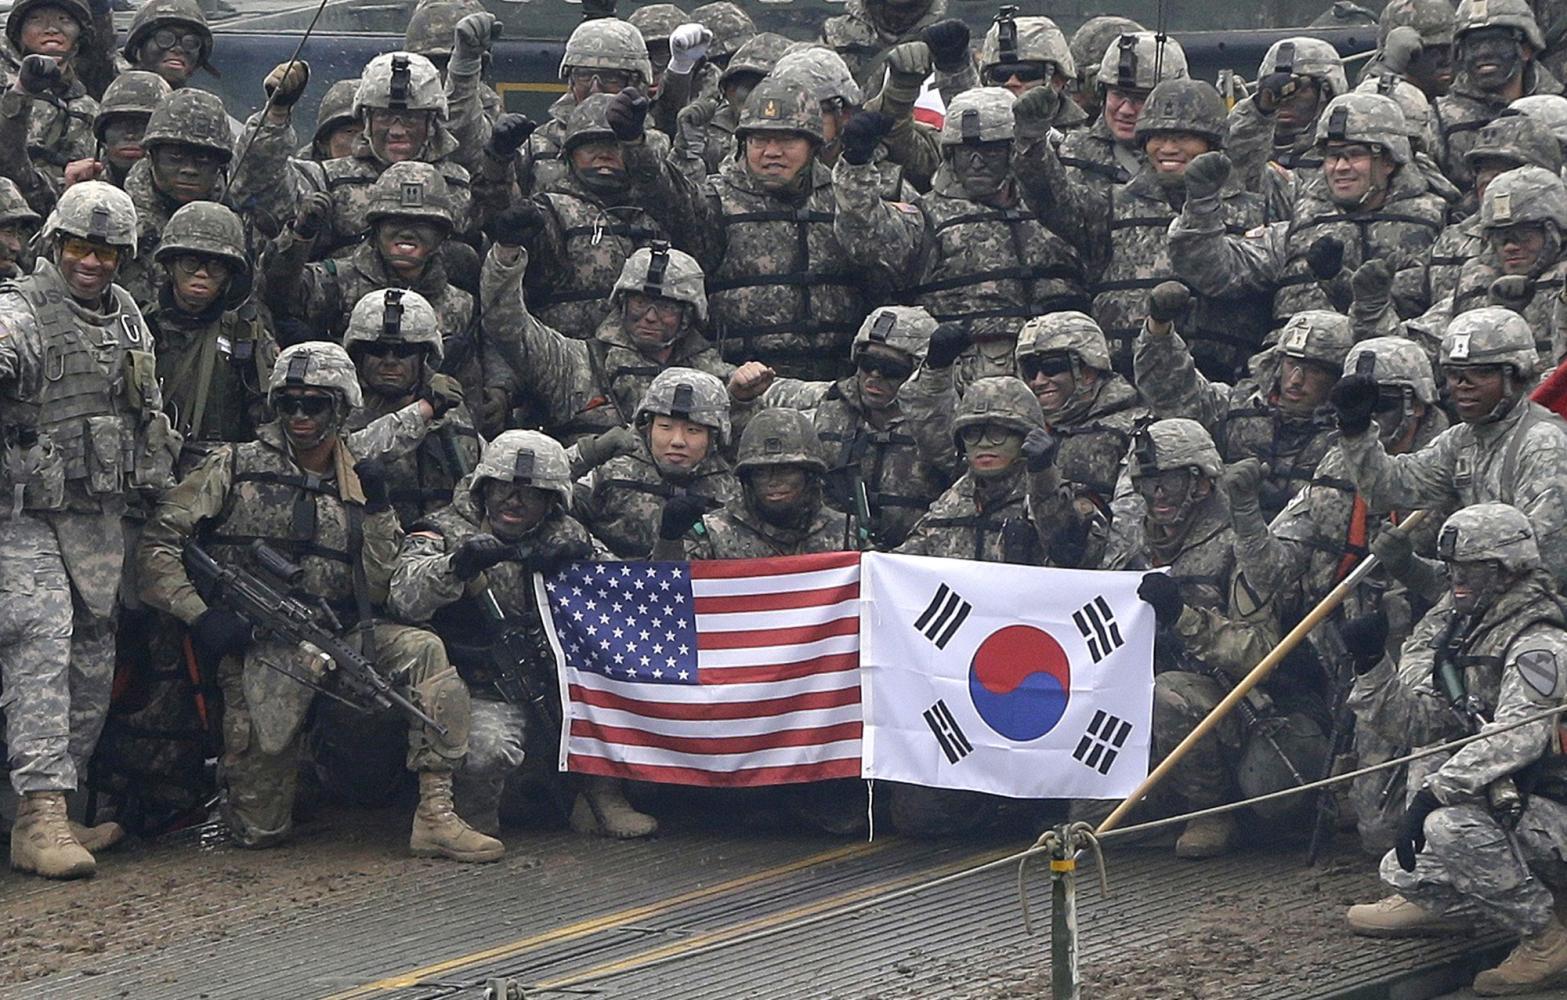 驻韩美军要全部撤走?特朗普一句话,美军将领急得跳出来表态